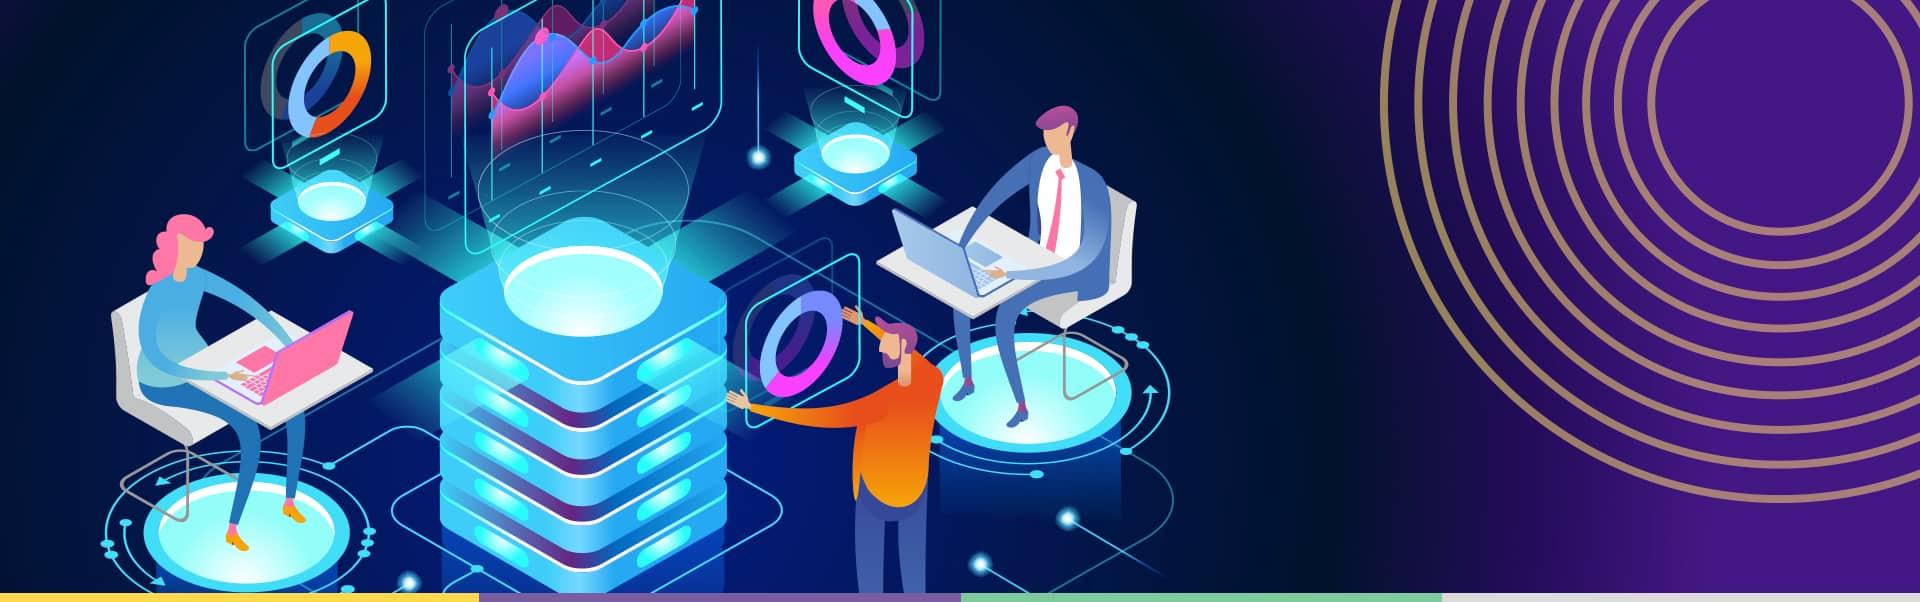 digital transformation data transformation